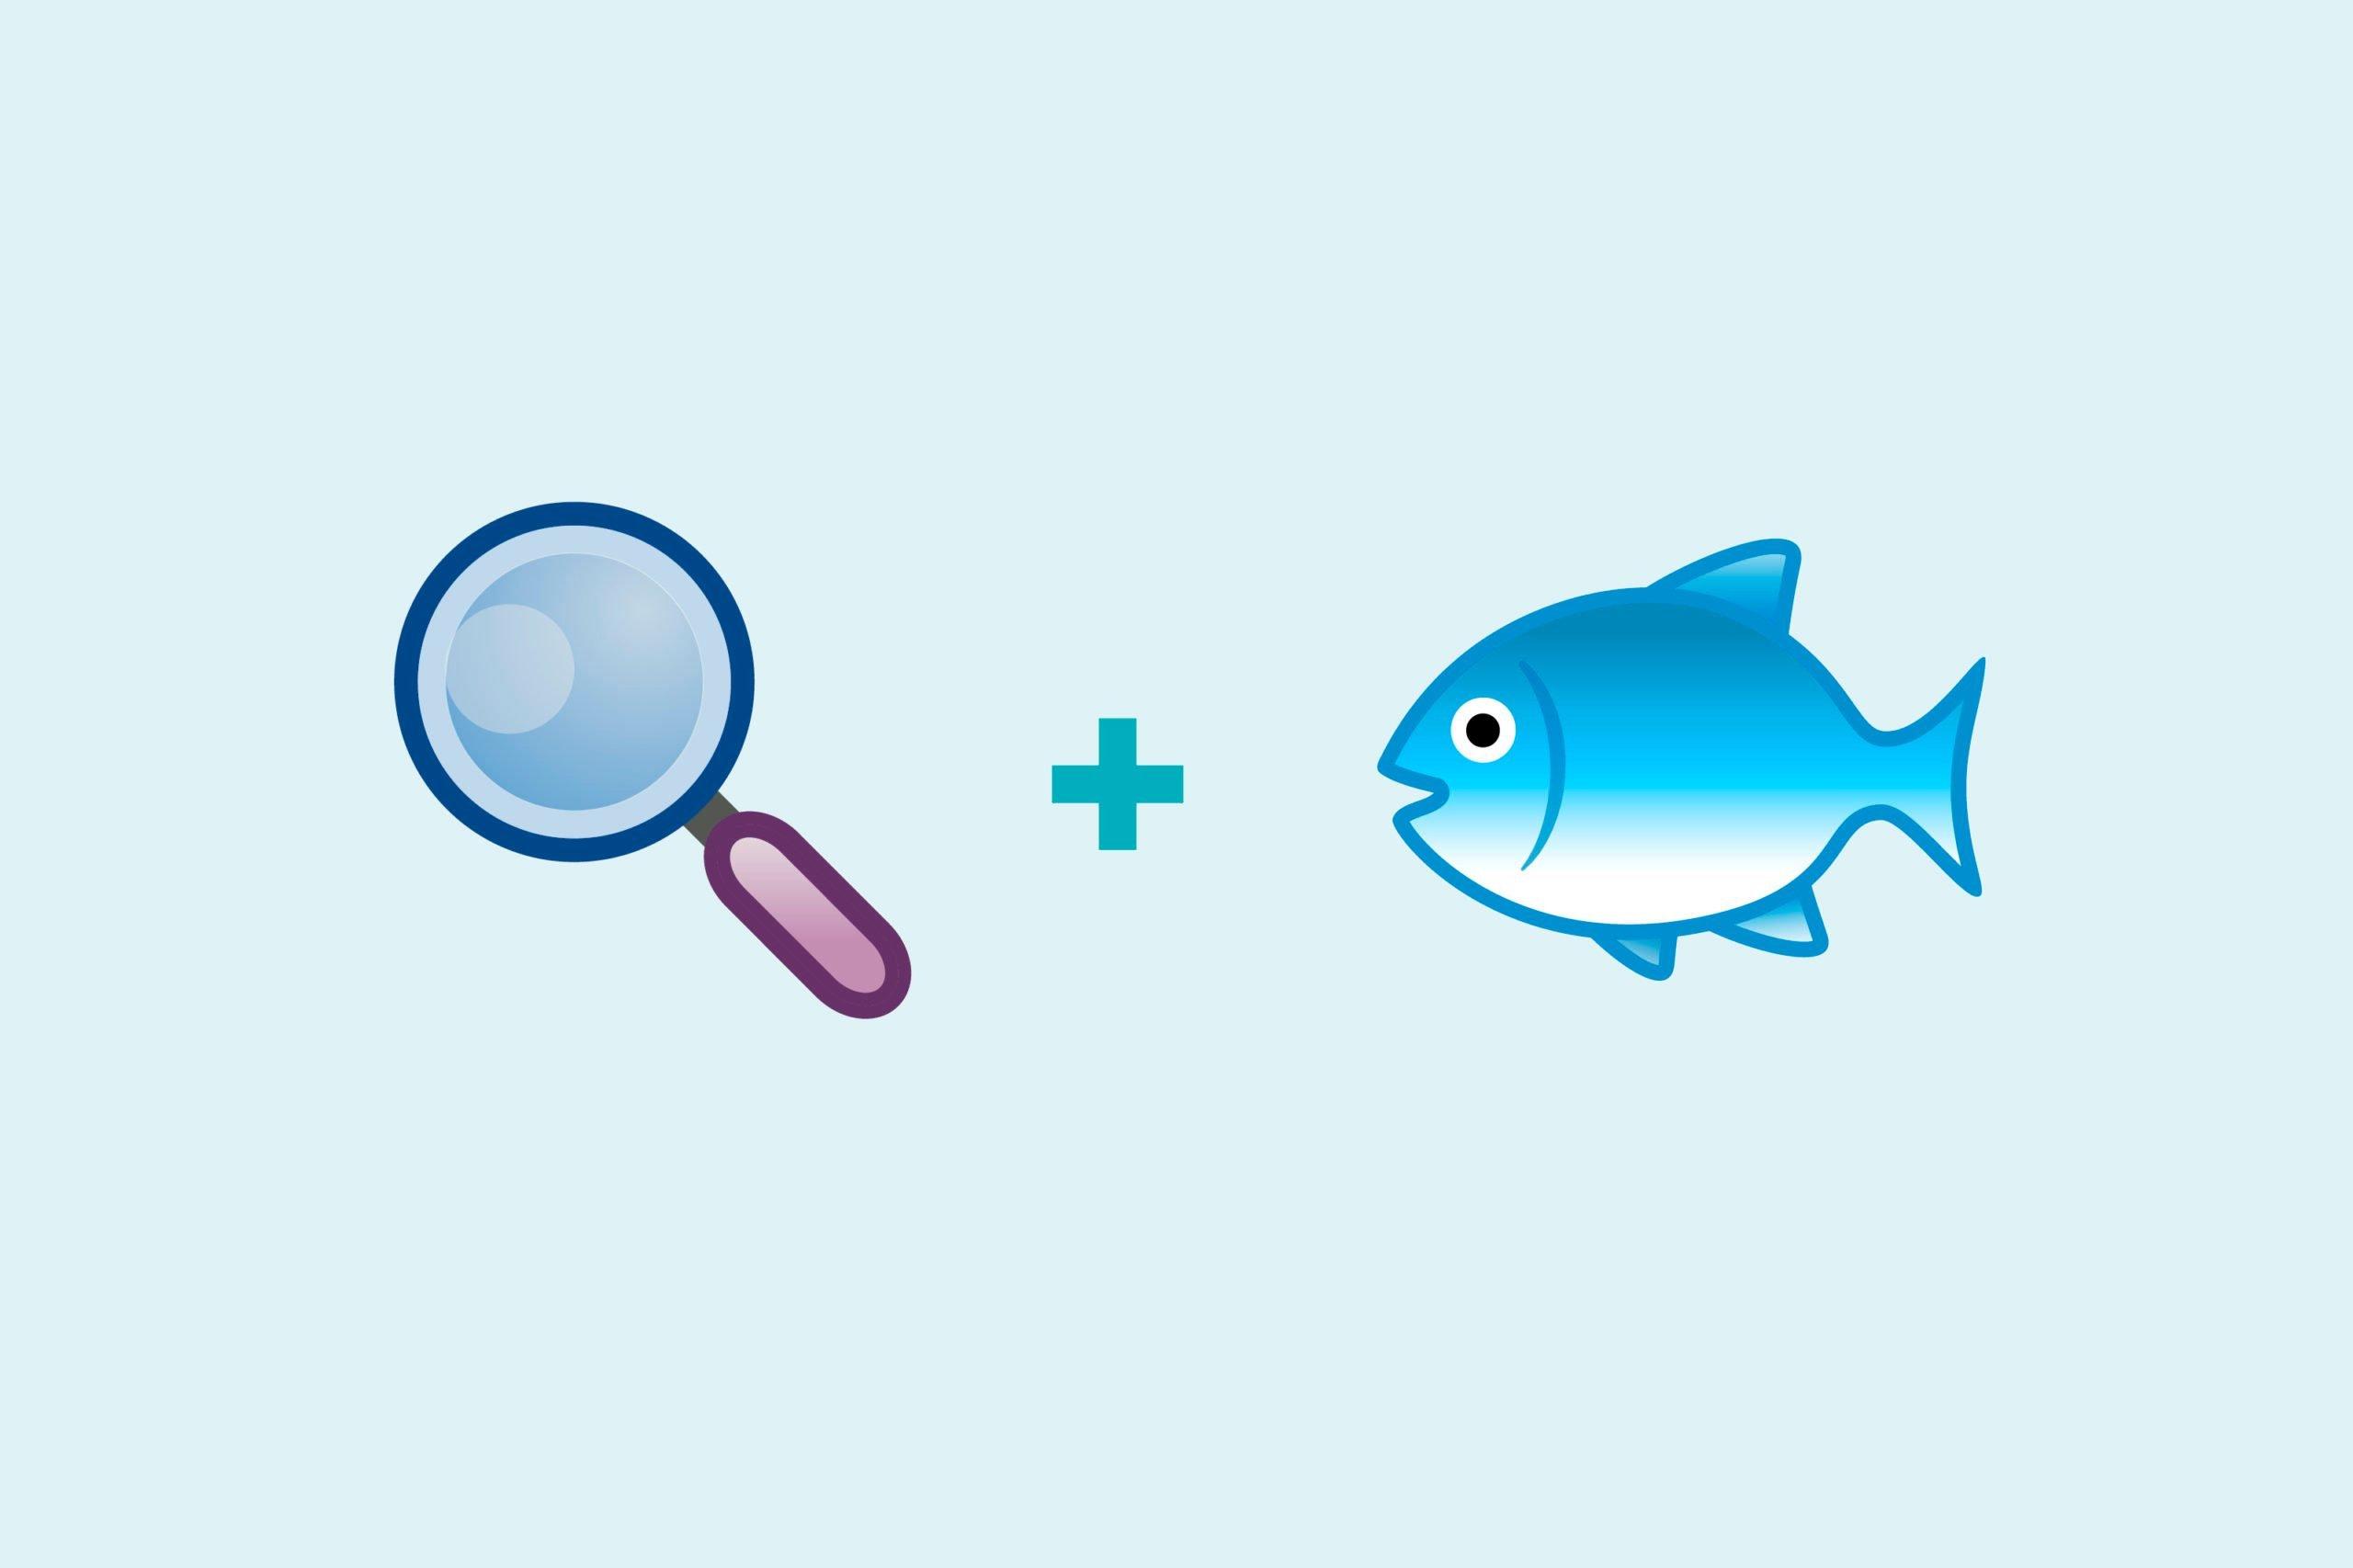 Magnifying glass emoji + fish emoji